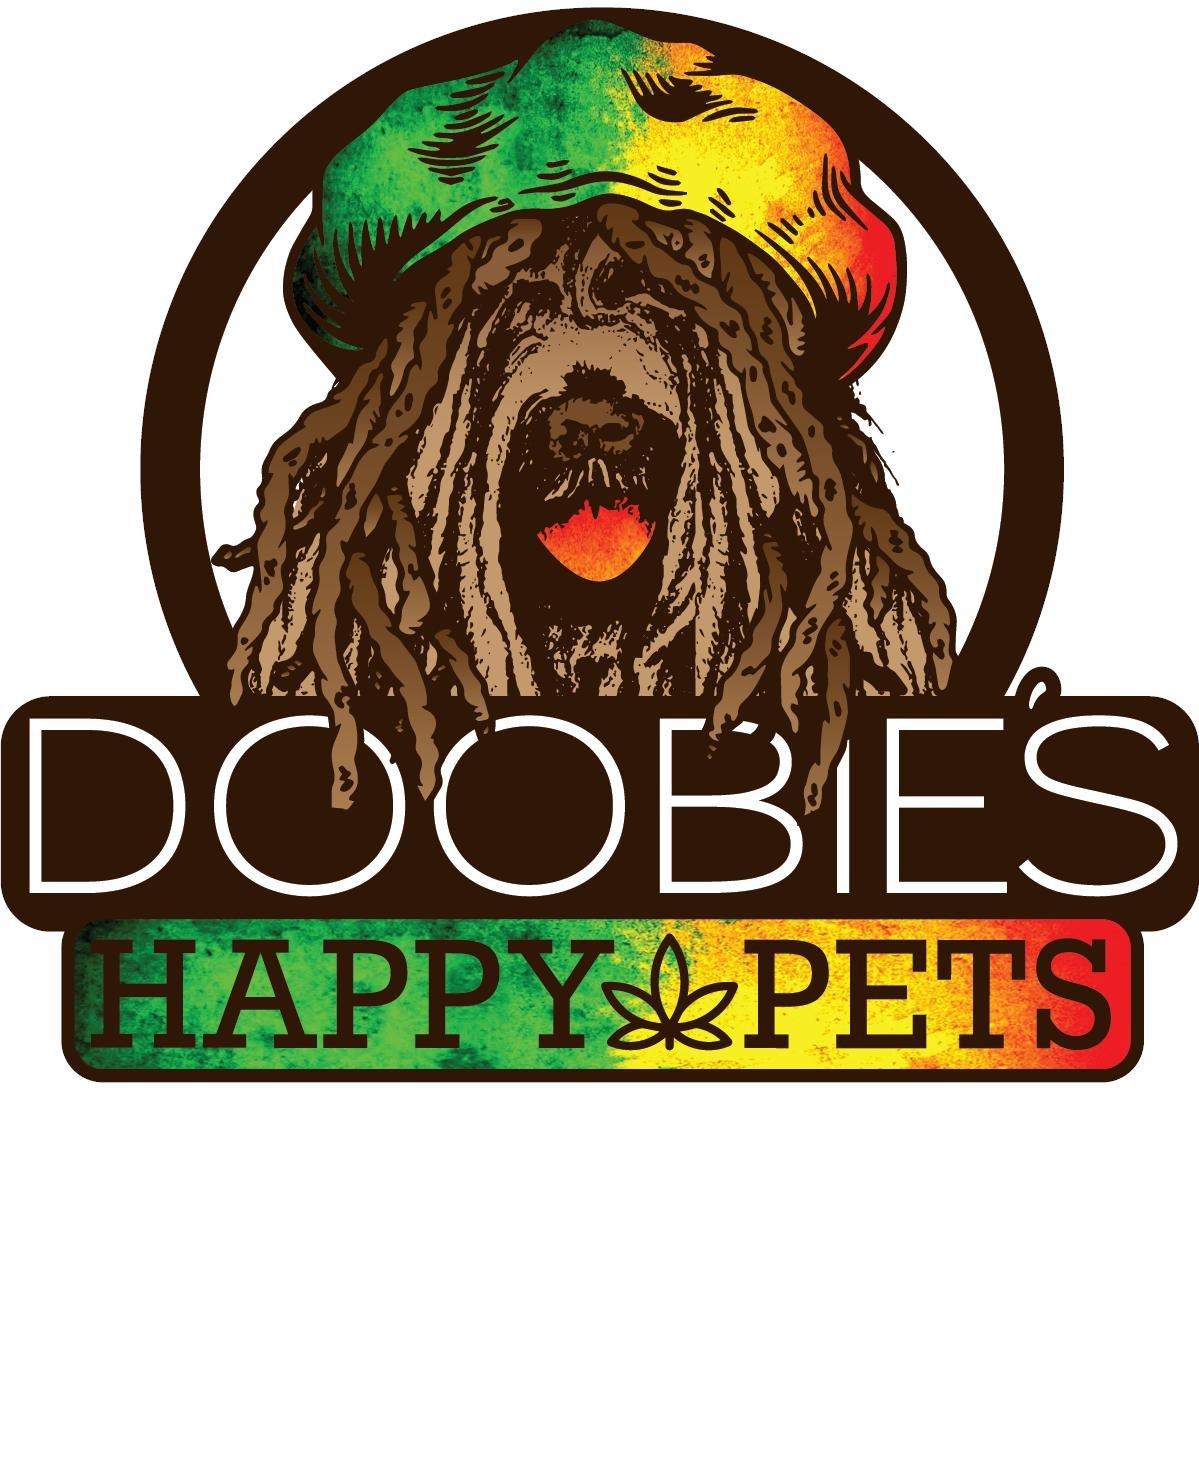 Doobies Happy Pets